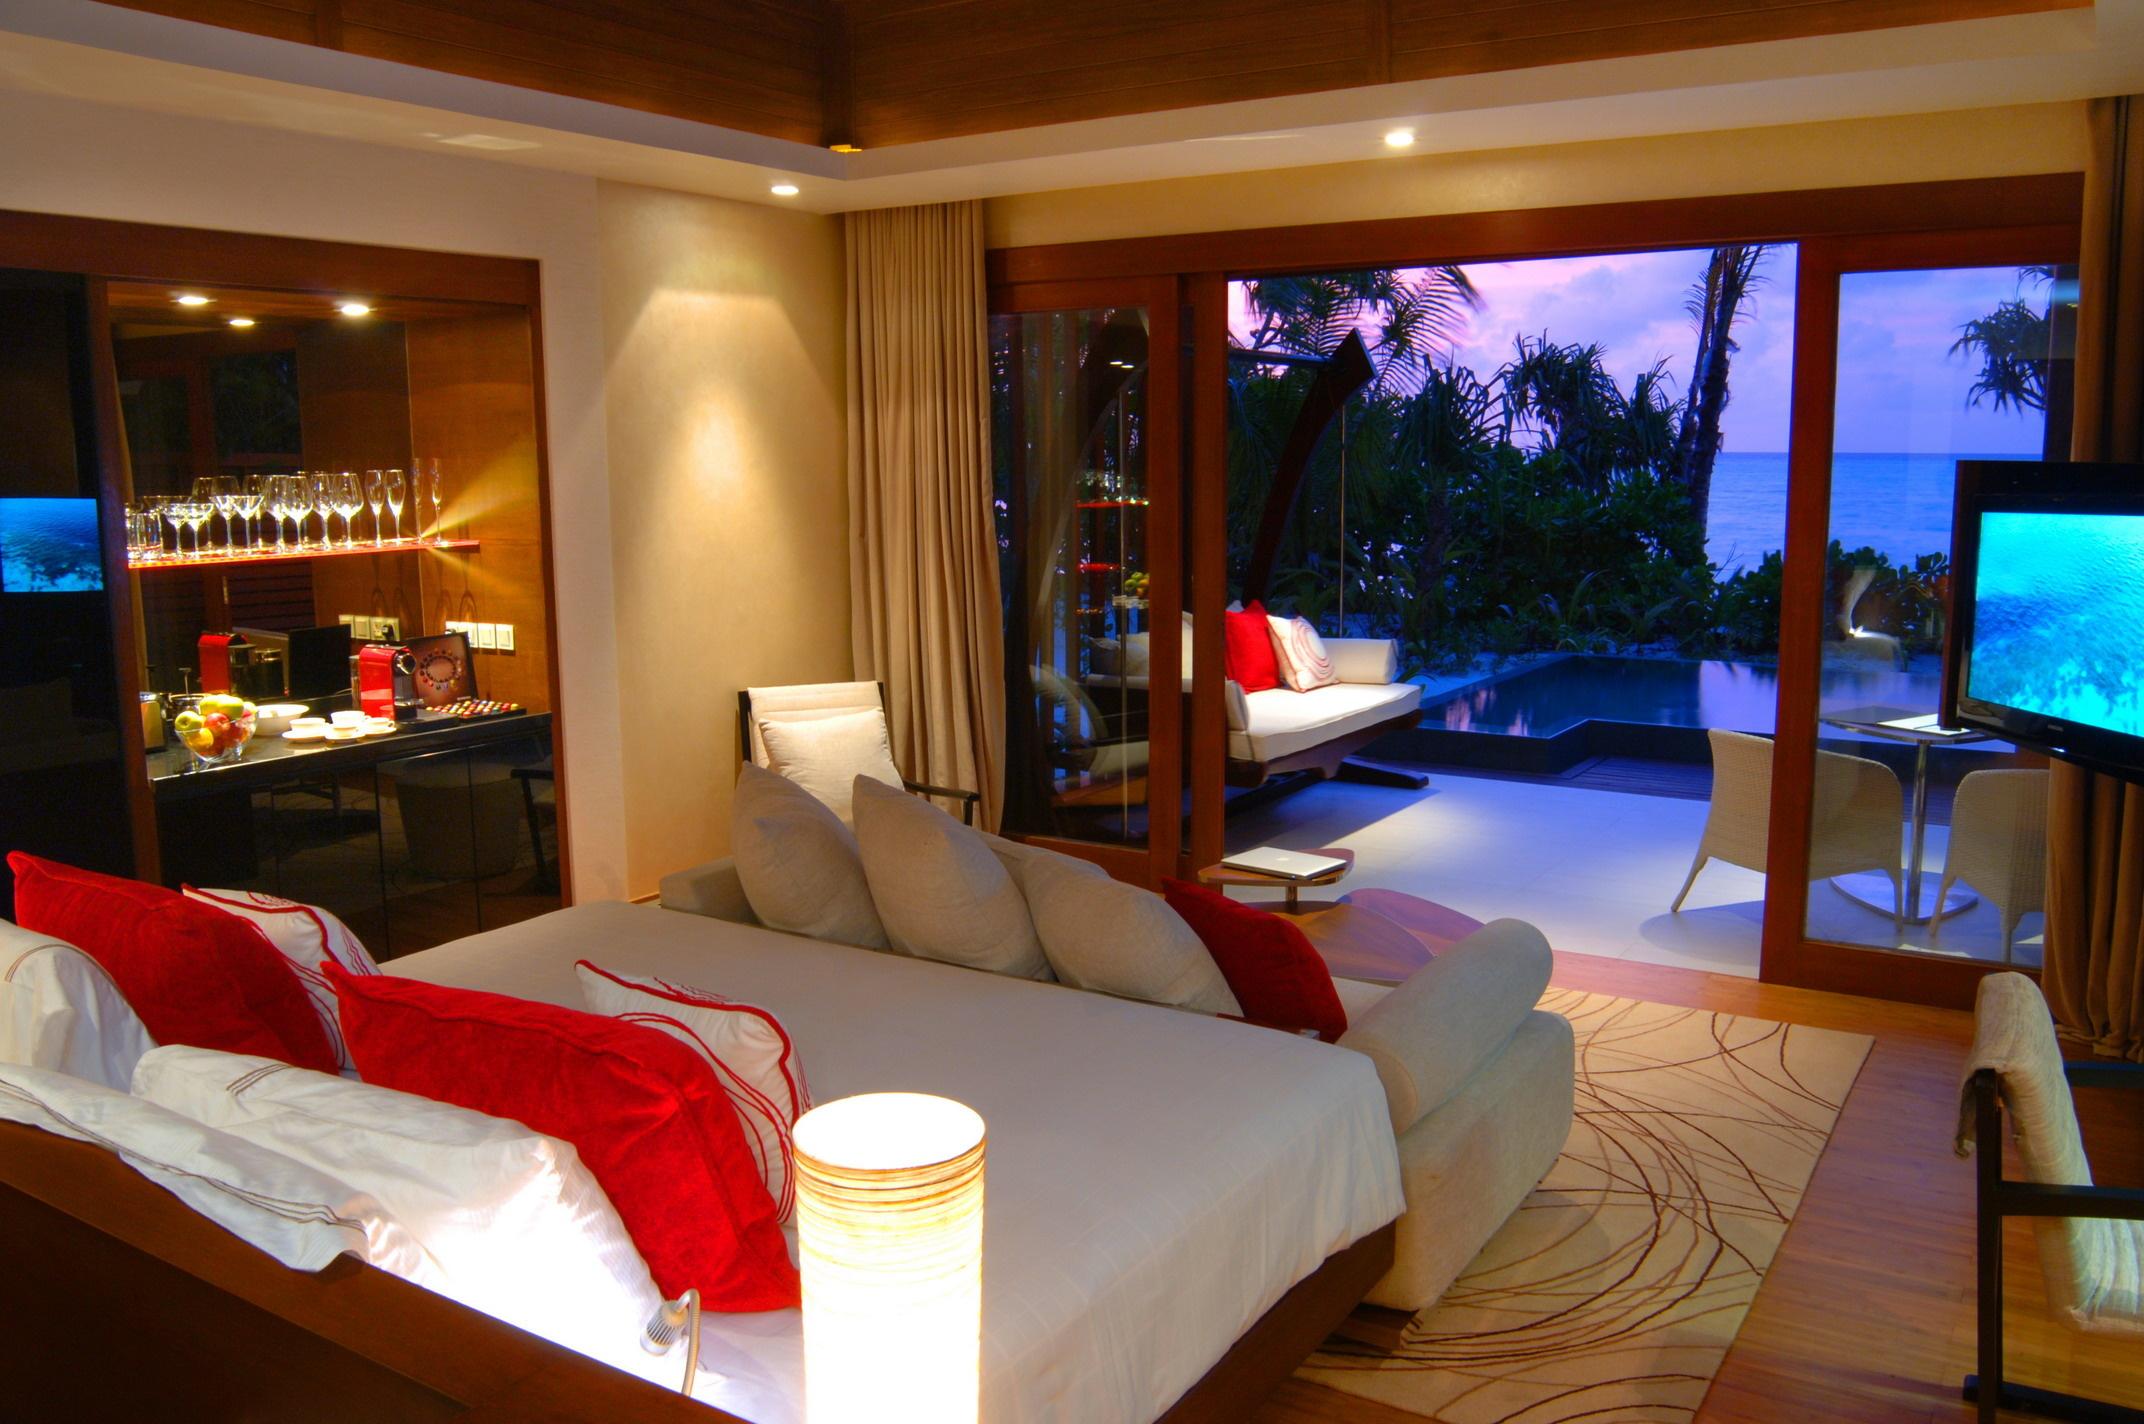 Мальдивы номера отеля отдых The Maldives the rooms the rest  № 333963 без смс